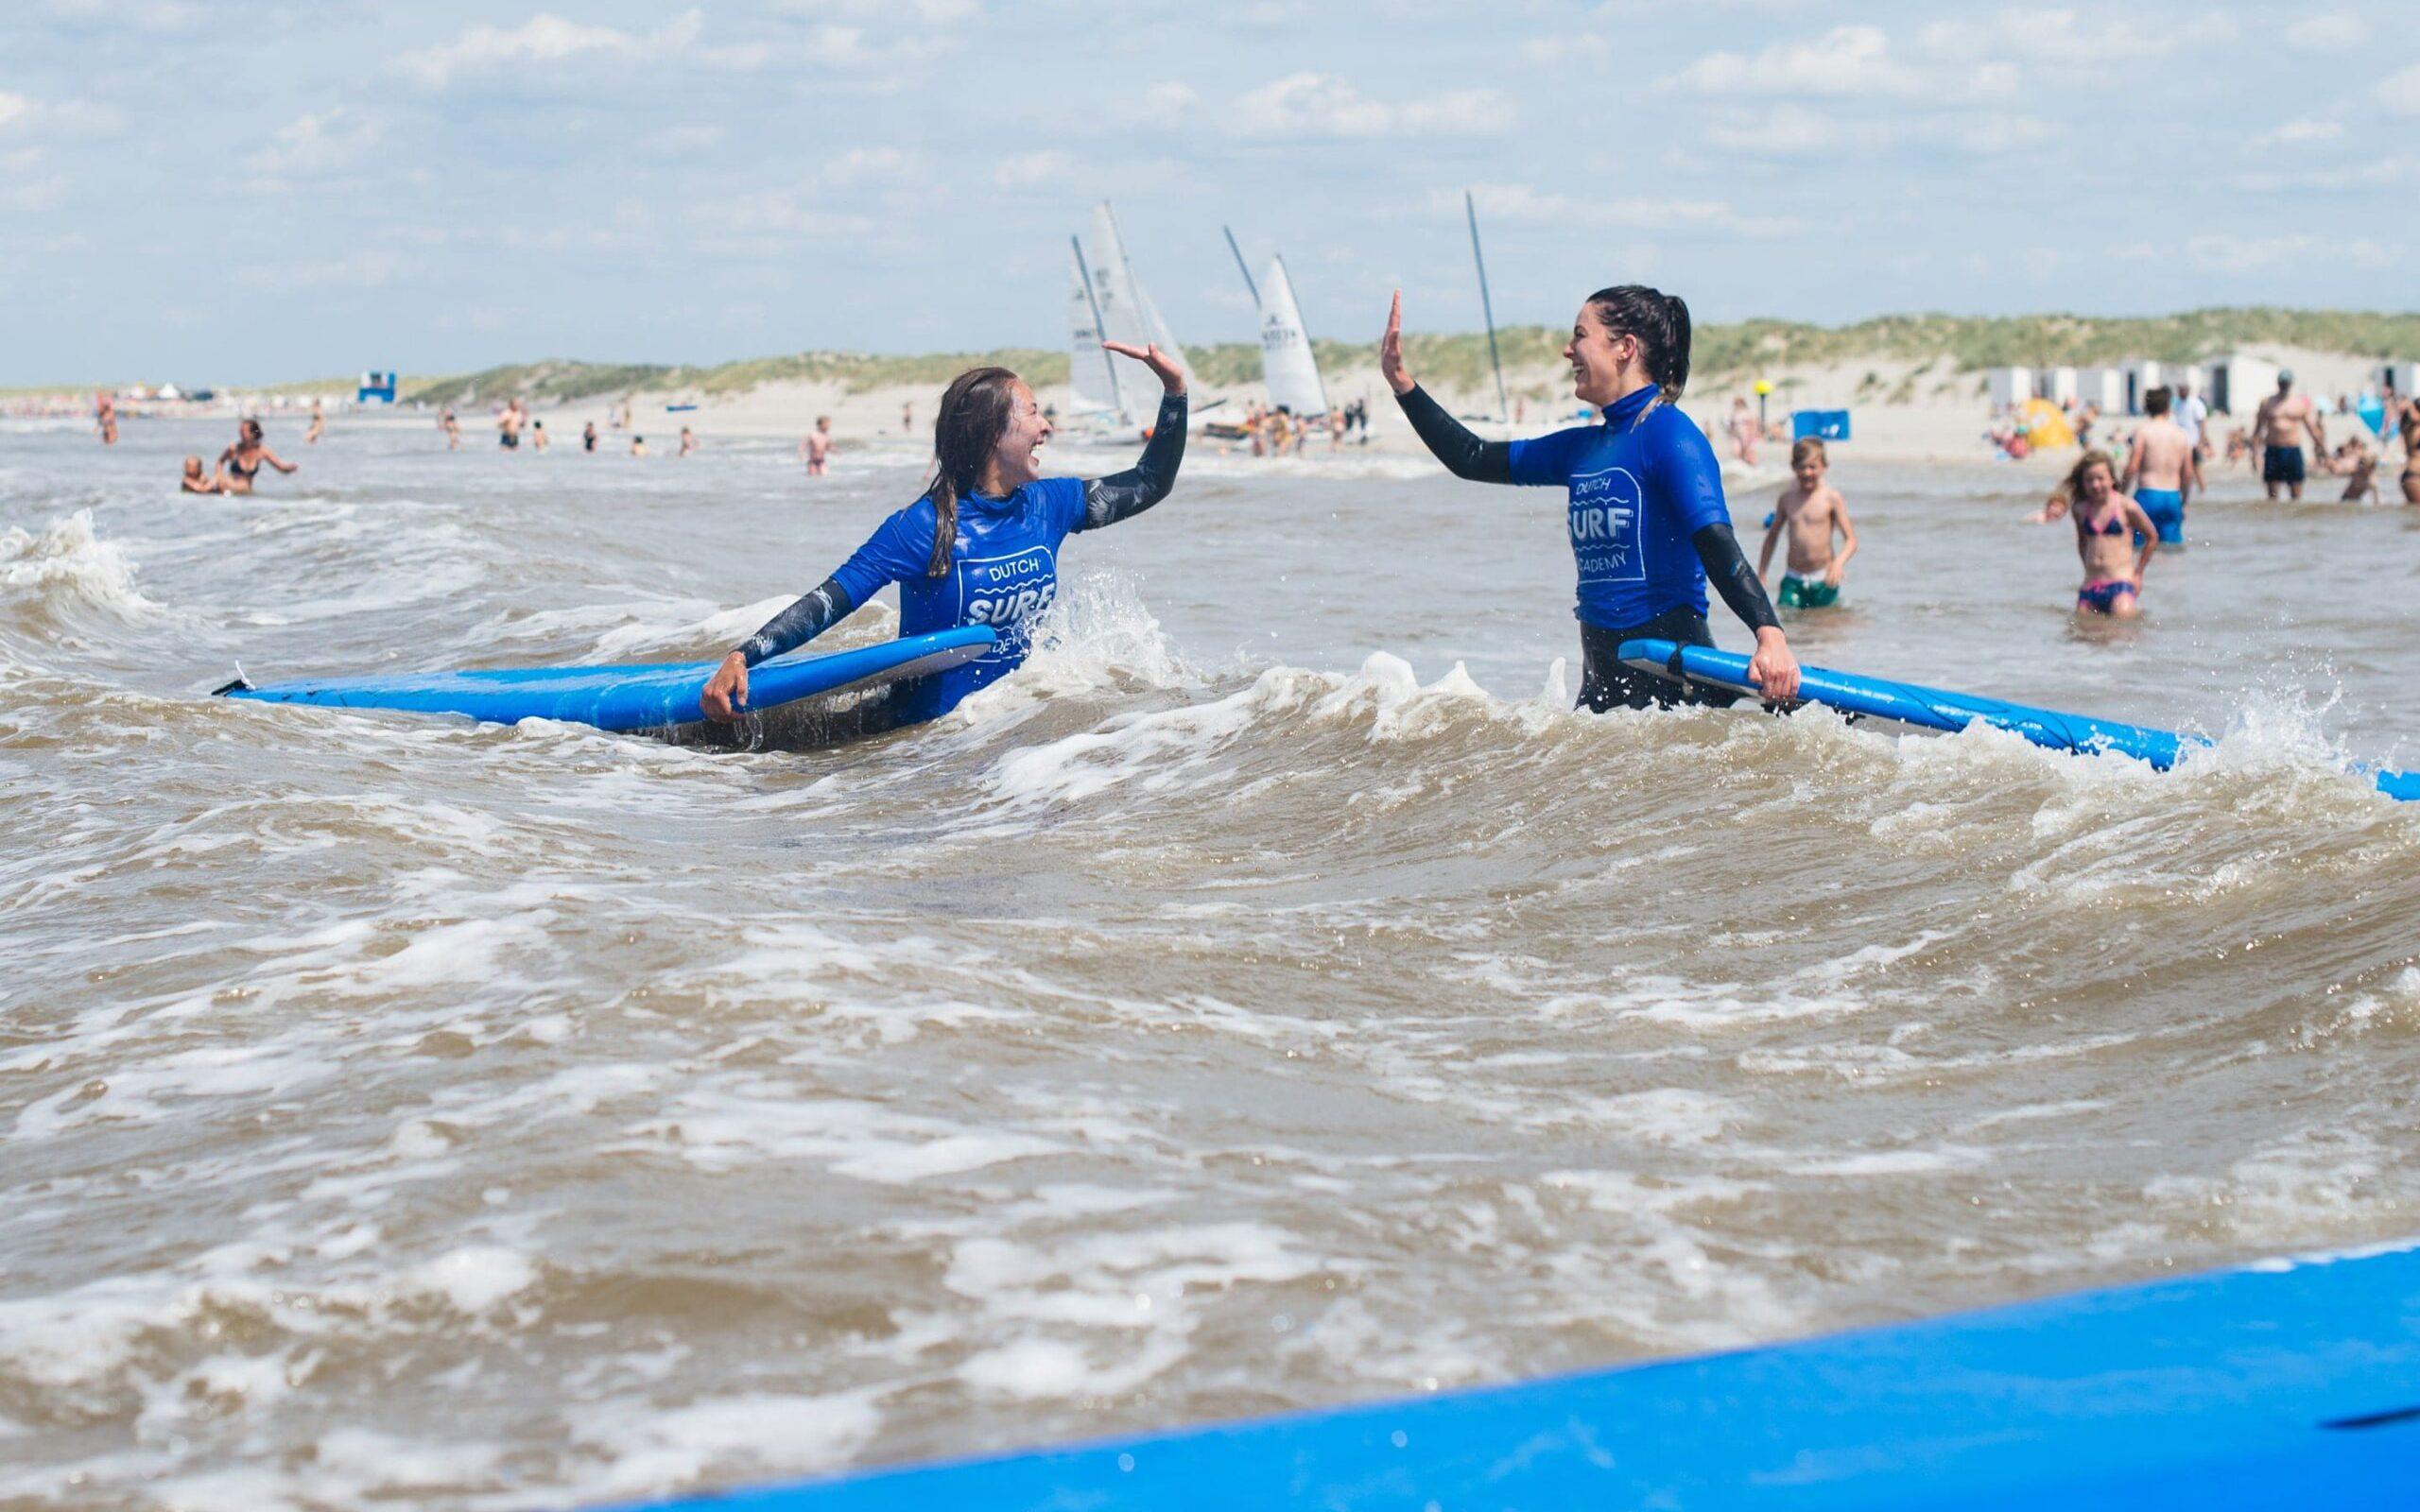 Twee surfers die van blijdschap elkaar highfiven